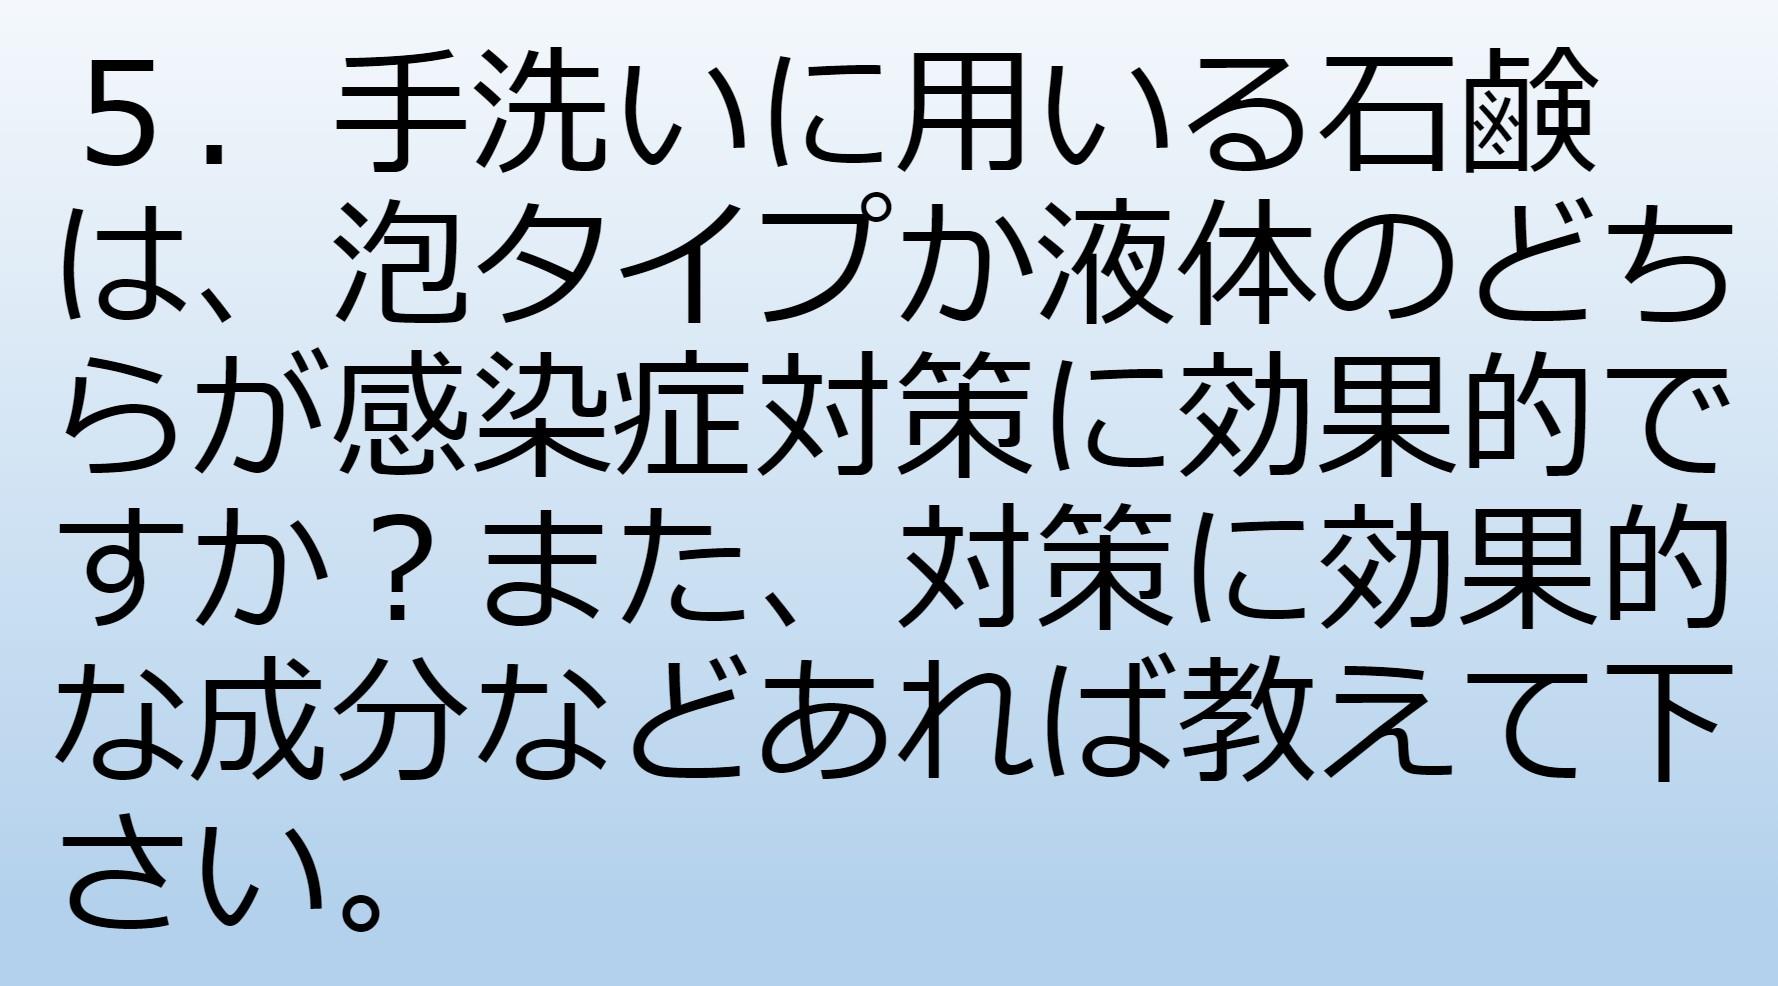 スクリーンショット (26).jpg